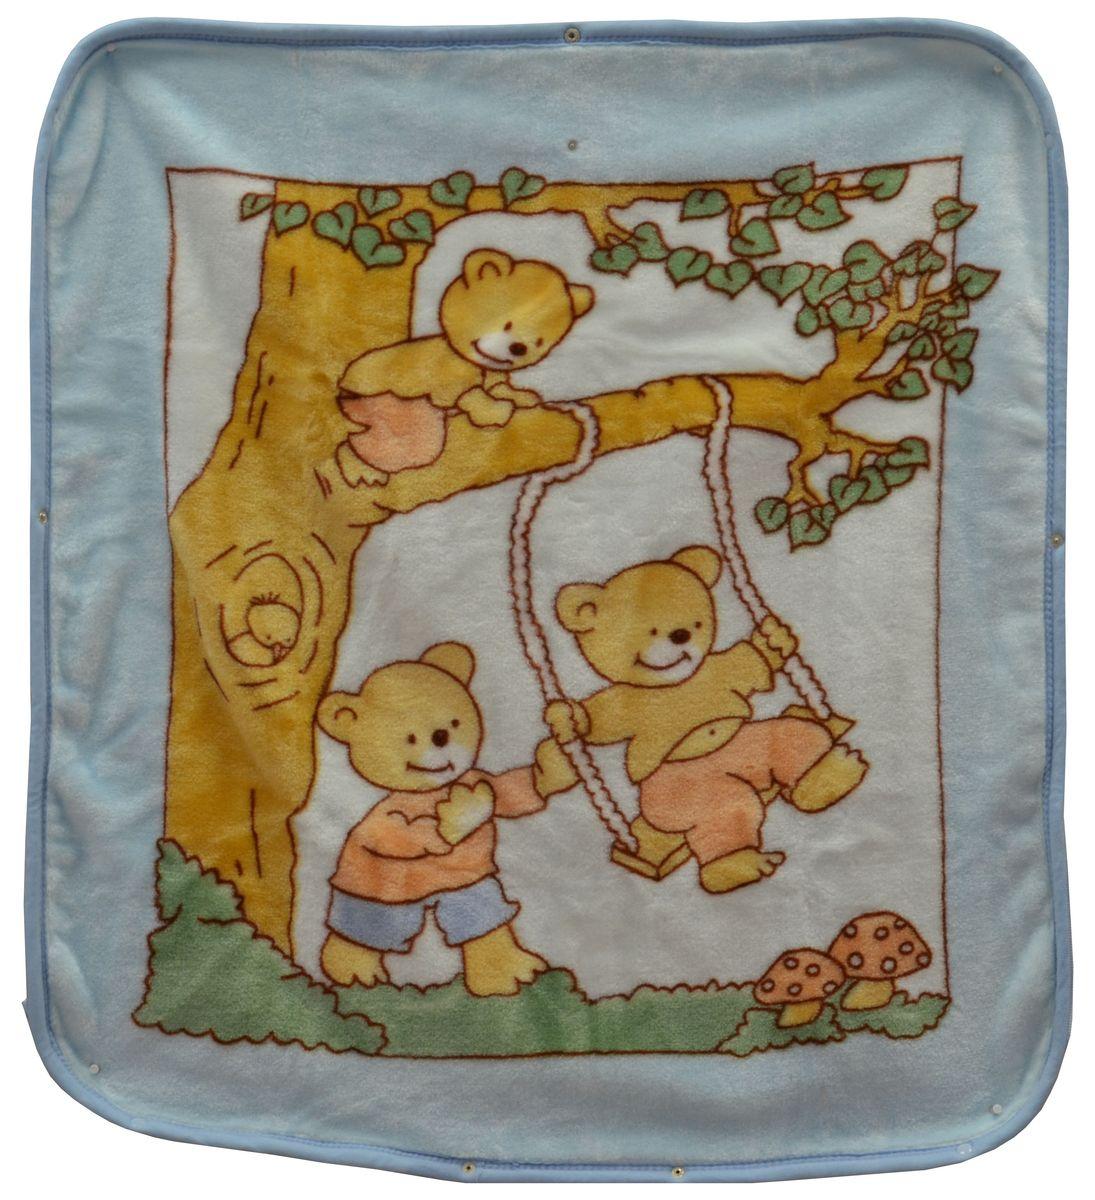 Bonne Fee Плед-накидка для младенцев на молнии 3, 80 х 90 см, цвет: голубойК 03481_голубойПлед-накидка для младенцев на молнии Bonne Fee - защита, тепло и комфорт для малышей - использован надёжный, качественный и мягкий материал! Удобство и спокойствие для родителей обеспечивается универсальностью пледа-накидки, конструкция которого позволяет ему легко превращаться в конвертик. Отличное качество и практичность! Любите своего ребёнка и дарите ему лучшее!